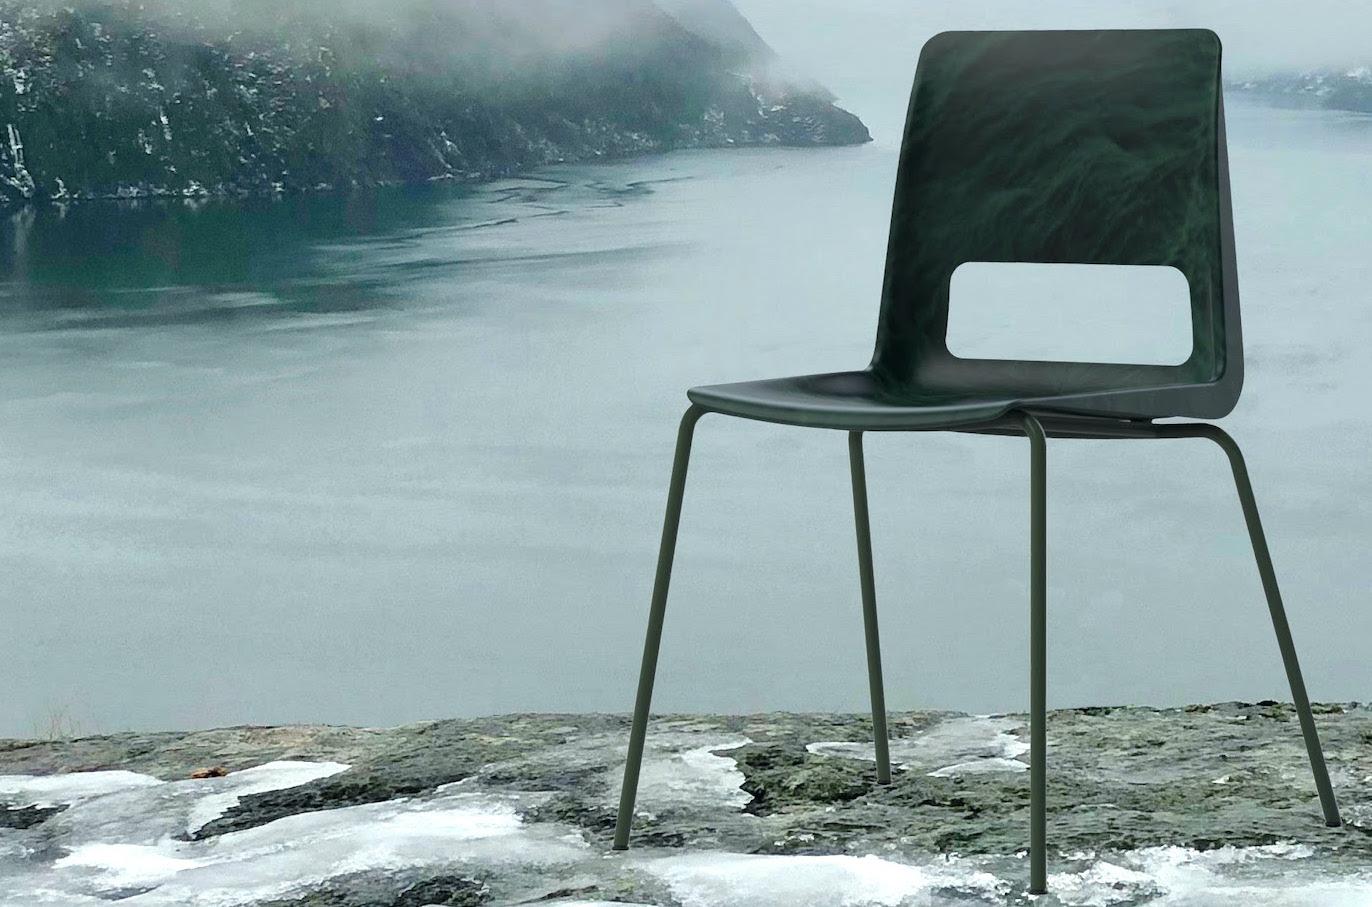 Norway's Design Talent